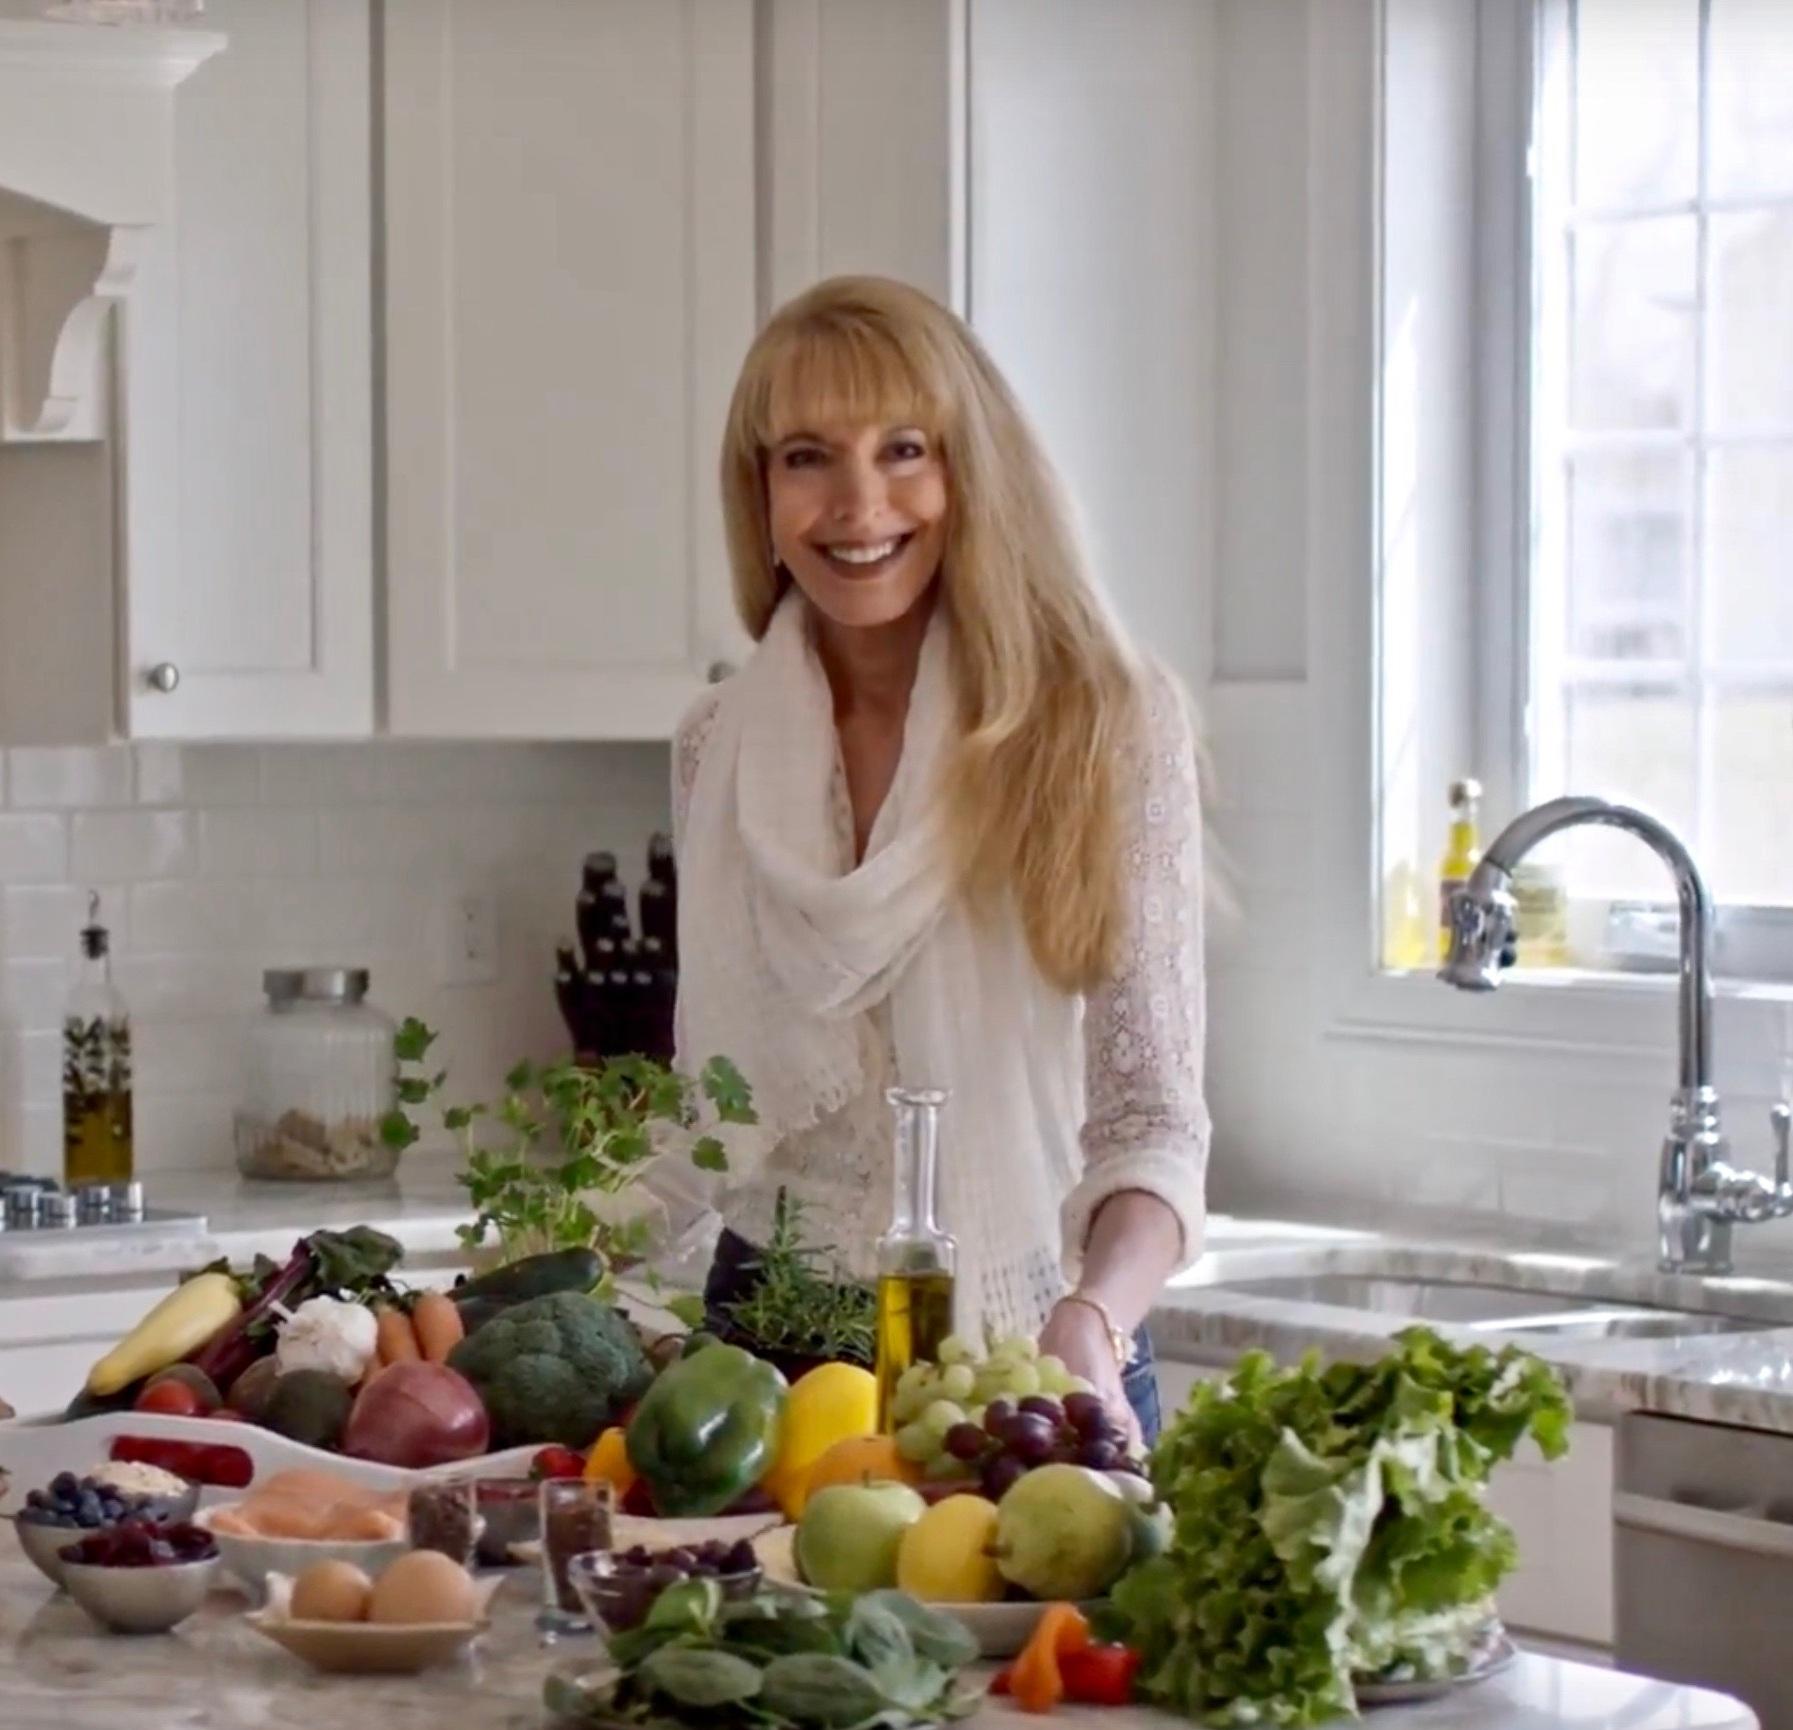 PEAK PERFORMANCE NUTRITION & FITNESS SOLUTIONS - for something nutrishus